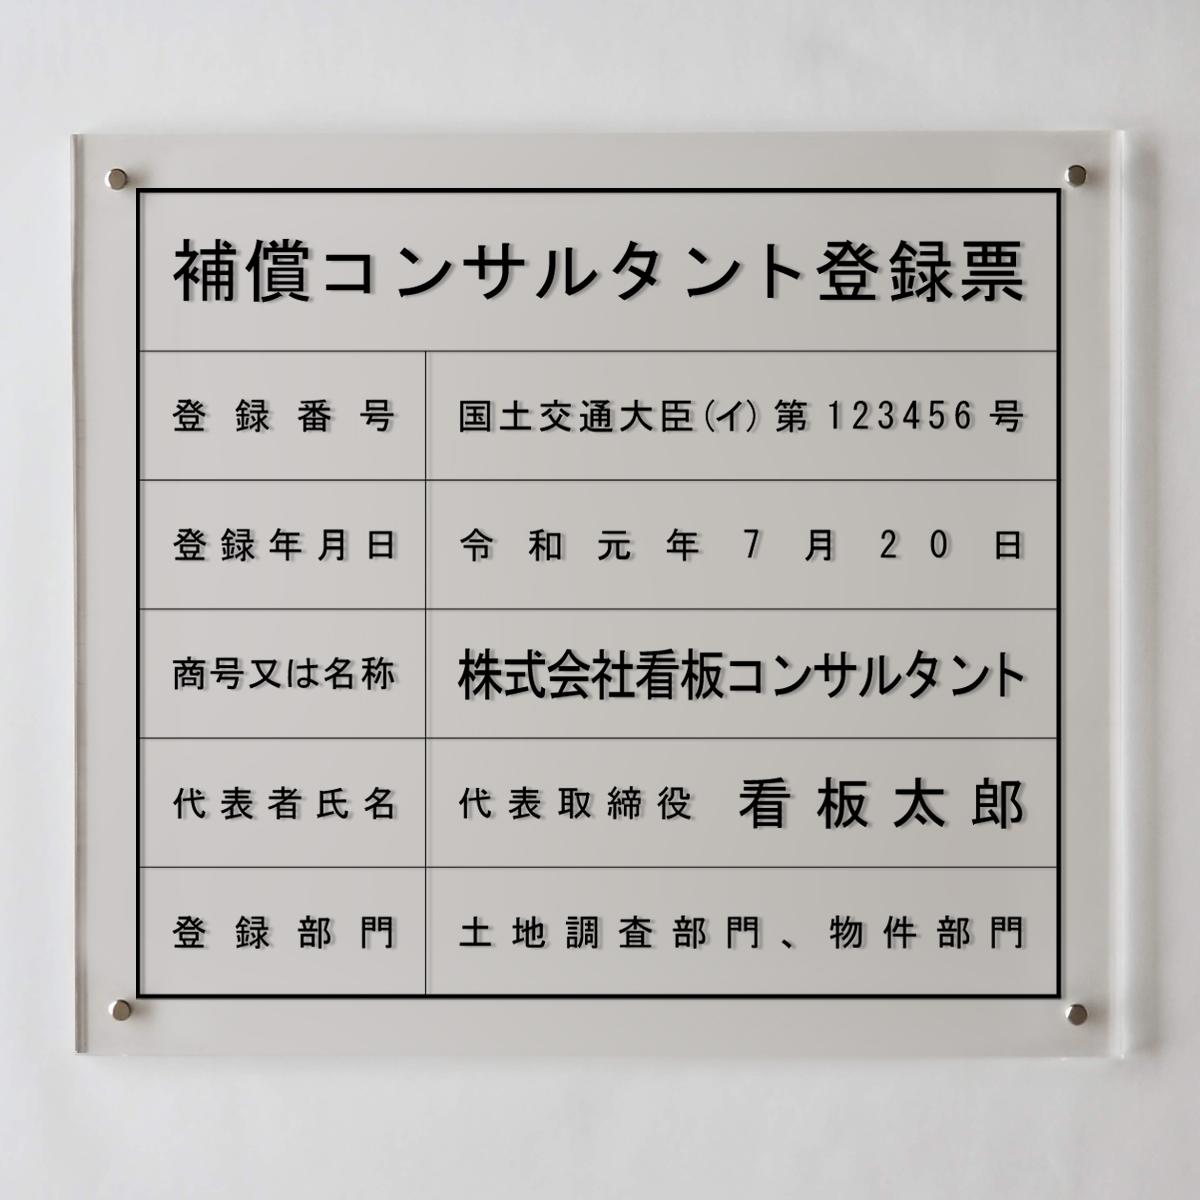 補償コンサルタント登録票アクリル壁付け型/ 店舗 事務所用看板 文字入れ 名入れ 別注品 特注品 看板 法定看板 許可票 建設業の許可票